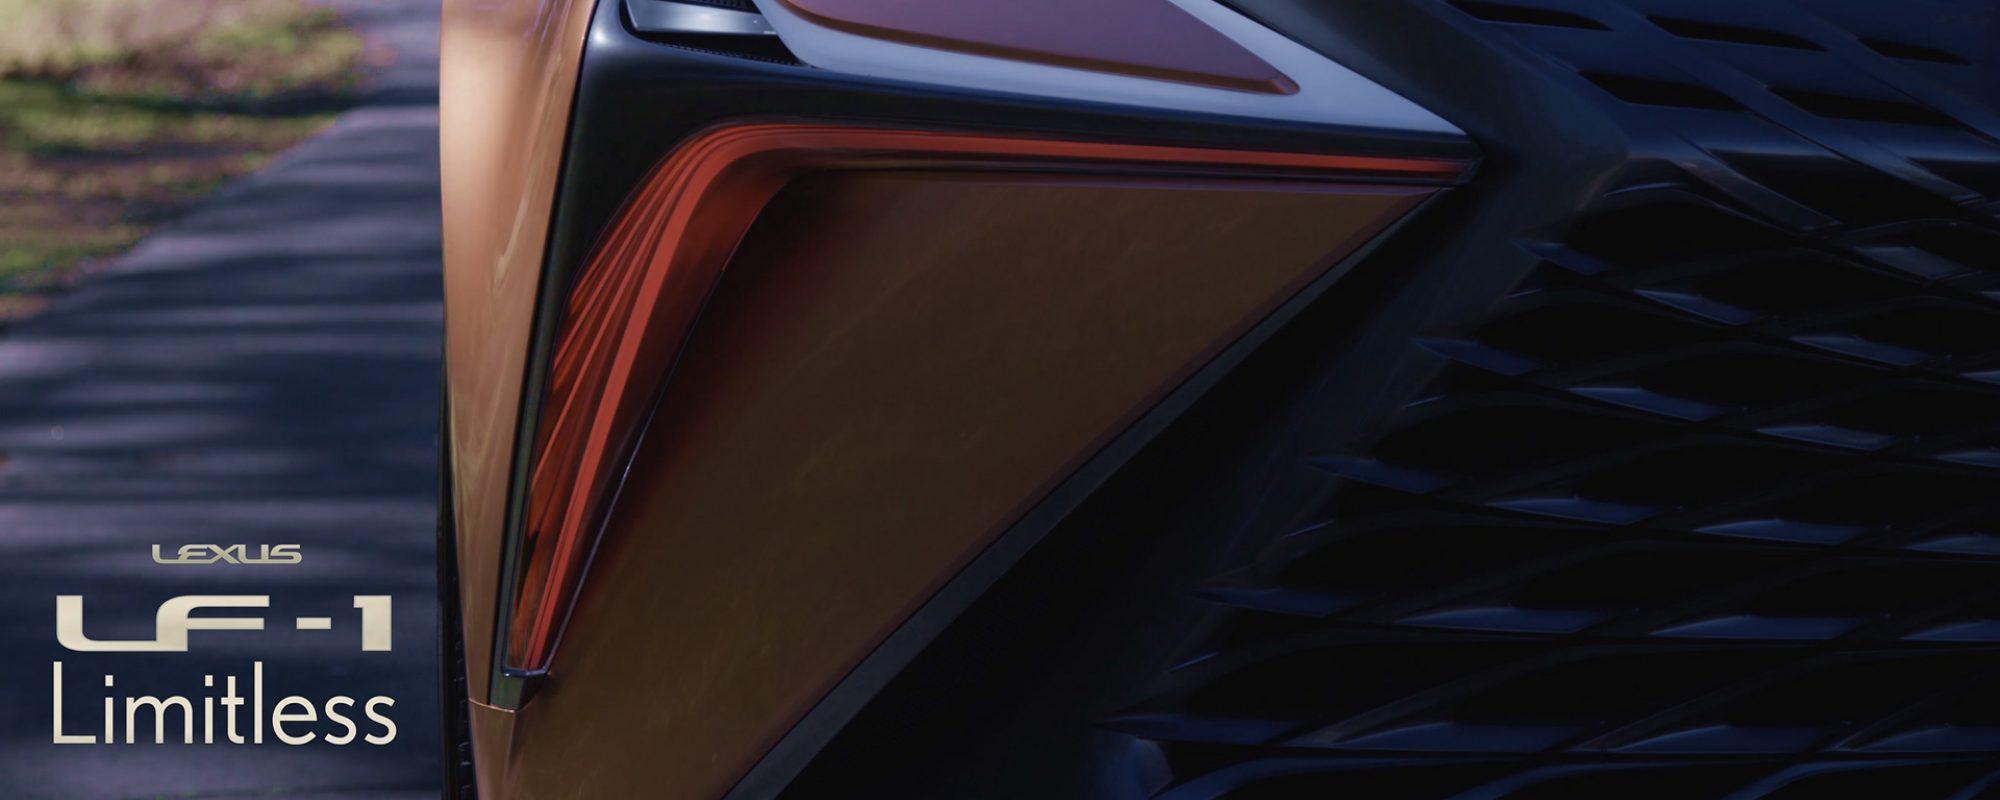 Lexus LF-1 Limitless klaar voor definitieve onthulling